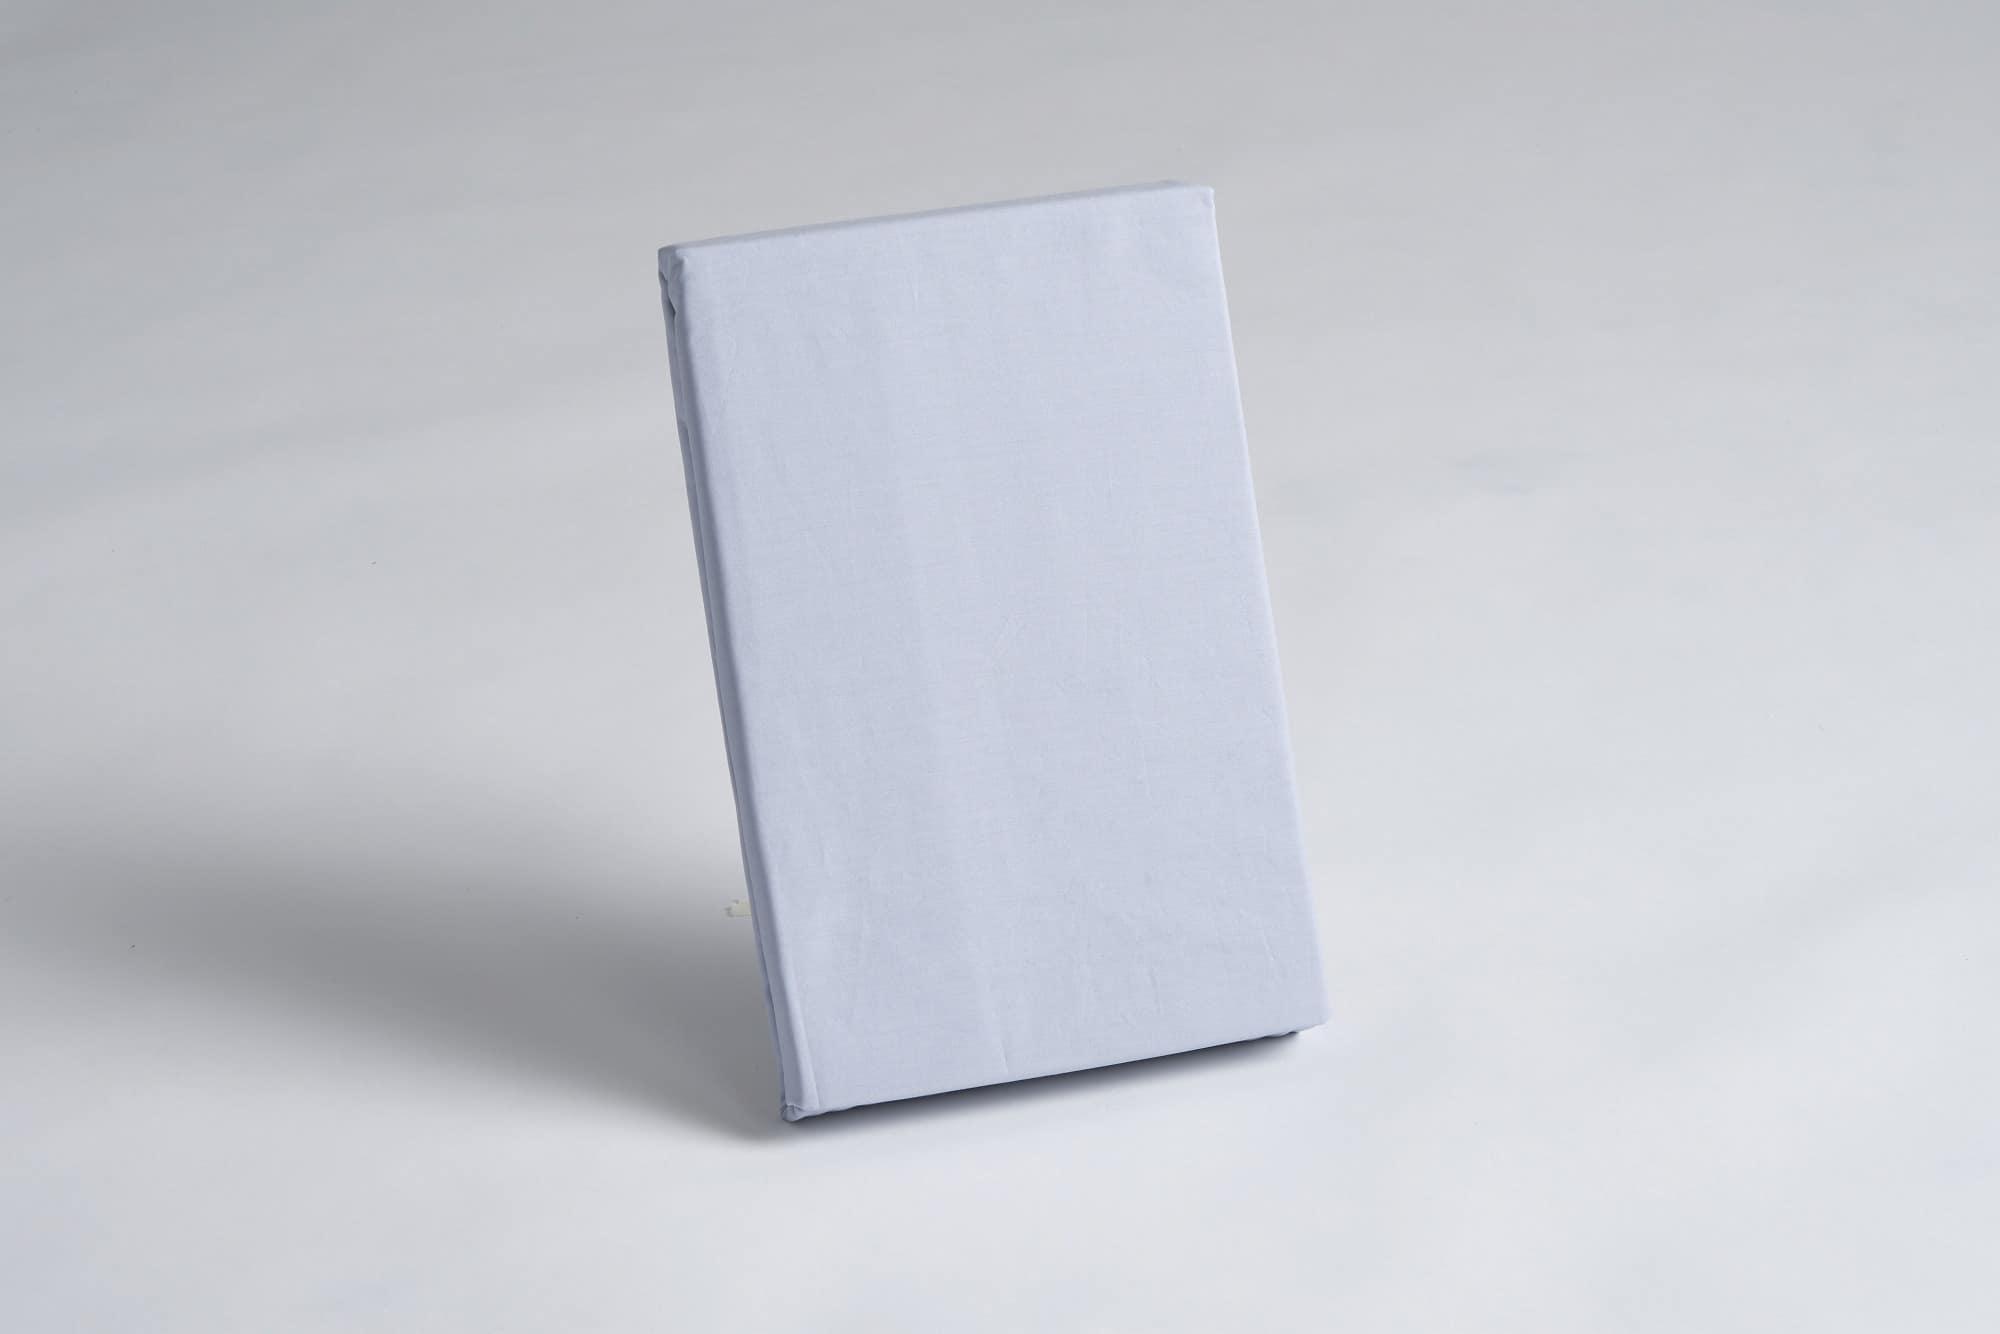 ボックスシーツ クイーン2用 30H ブルー:《綿100%を使用したボックスシーツ》